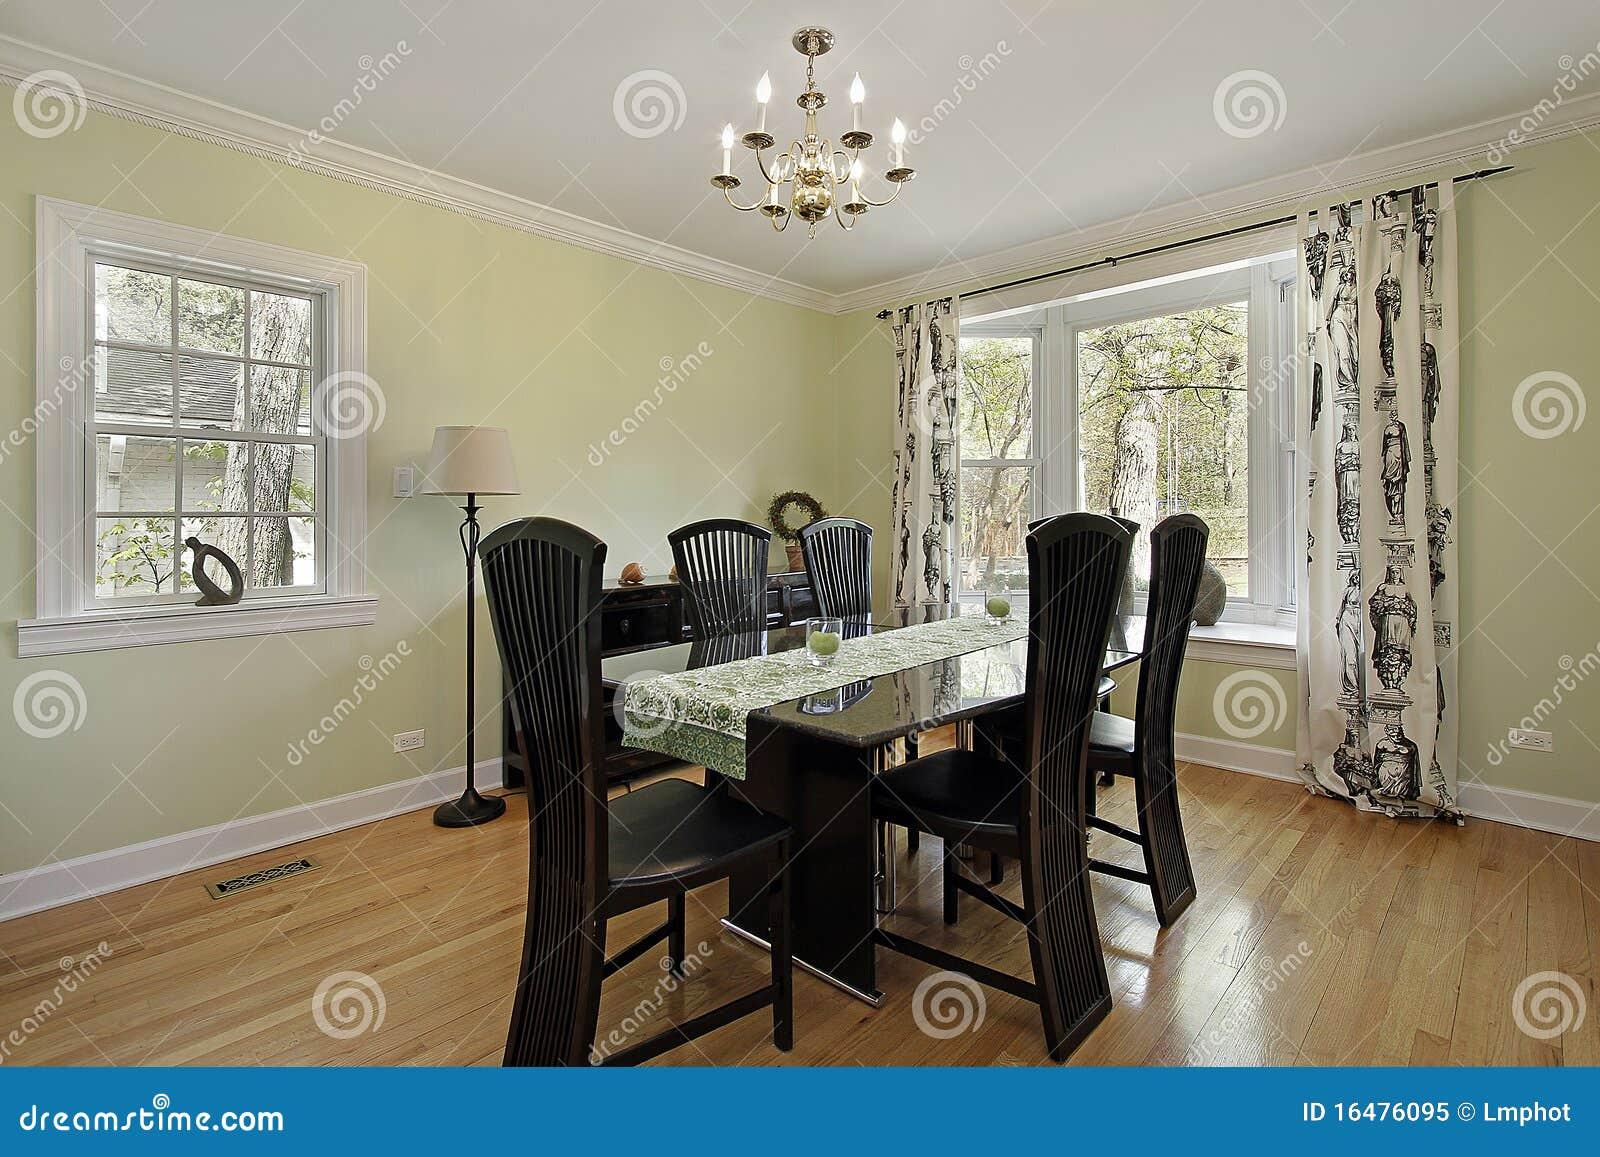 Eetkamer met lichtgroene muren stock afbeelding afbeelding 16476095 - Foto eetkamer ...